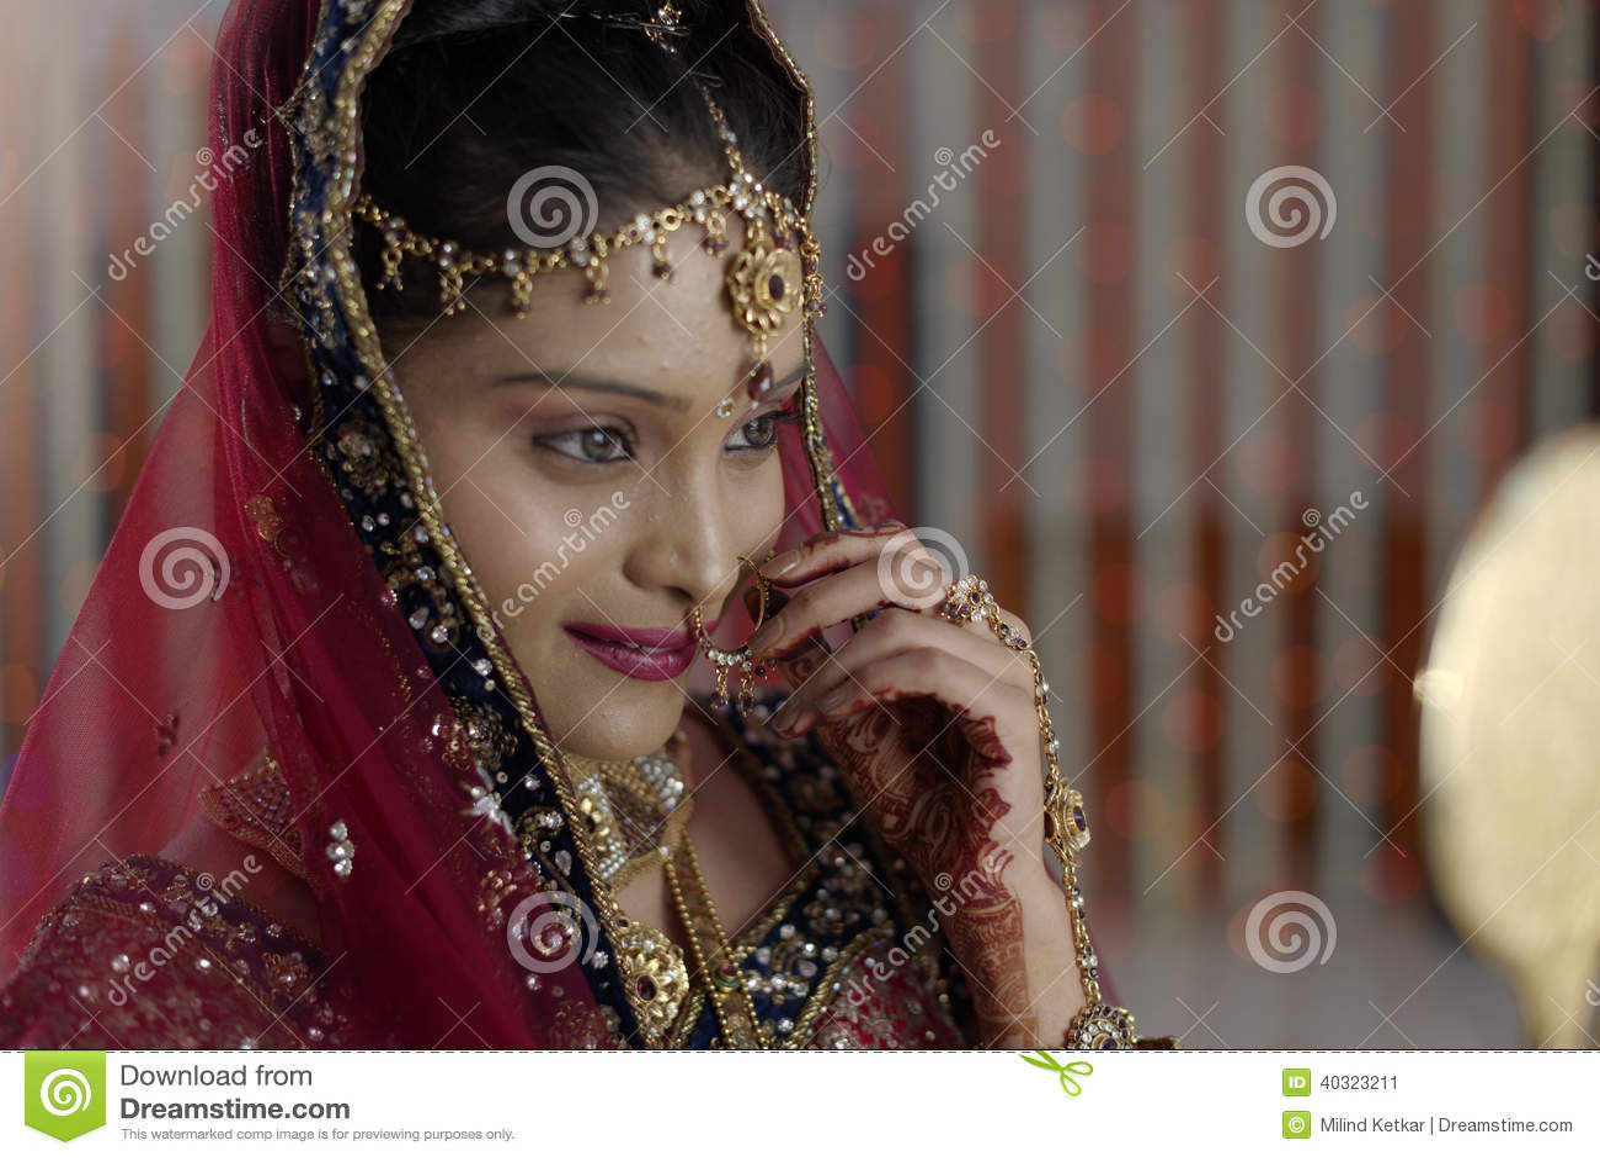 Indisk hinduisk brud med smycken som ser i spegel.